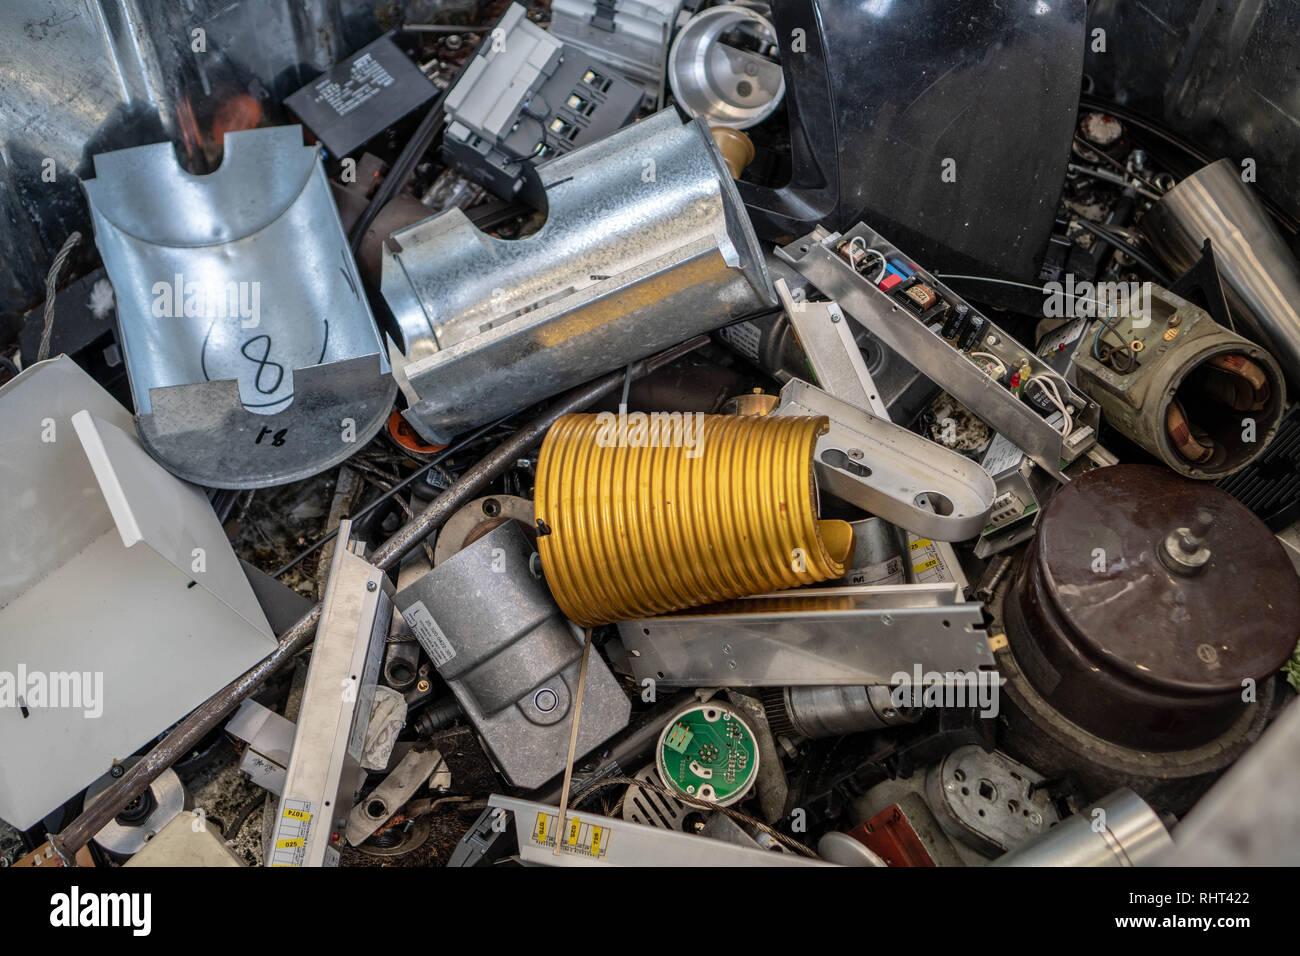 Rifiuti elettronici in un contenitore Immagini Stock